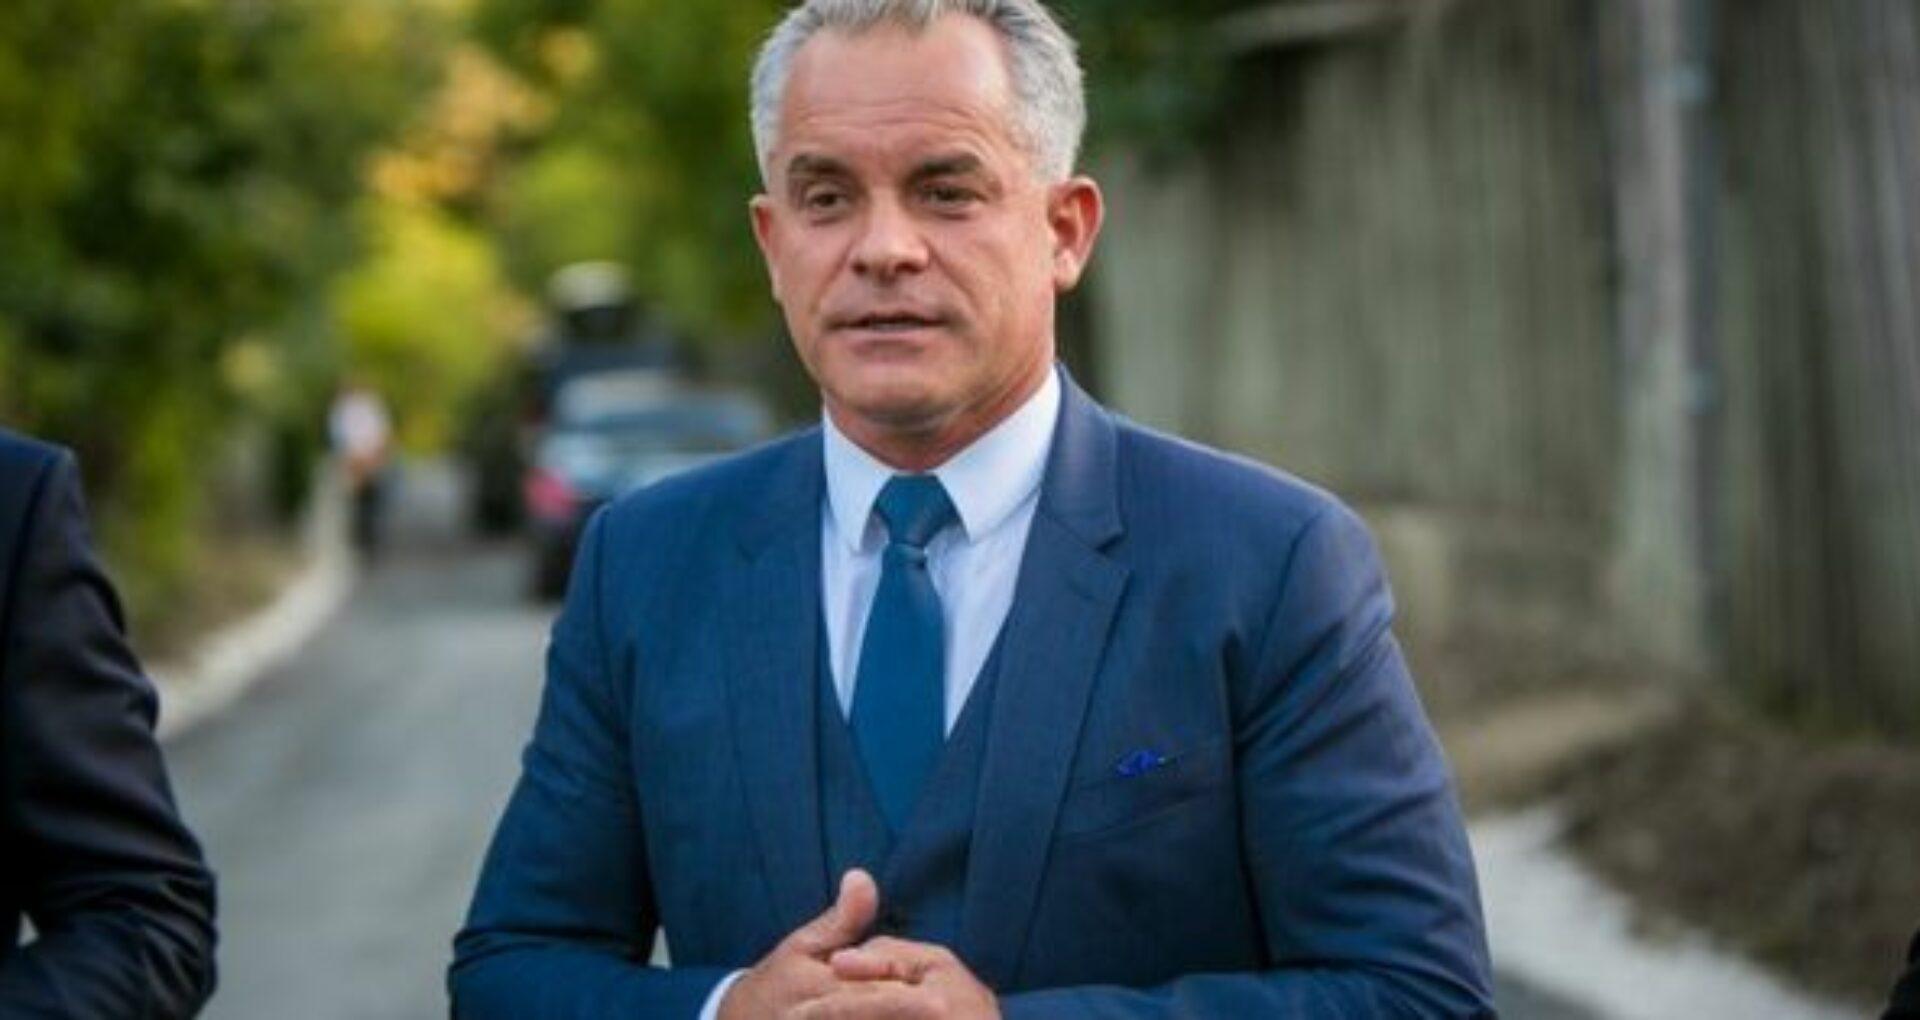 Conexiunile dintre companiile puse sub sechestru și fostul președinte al PDM, Vlad Plahotniuc. Detalii de la șeful PA